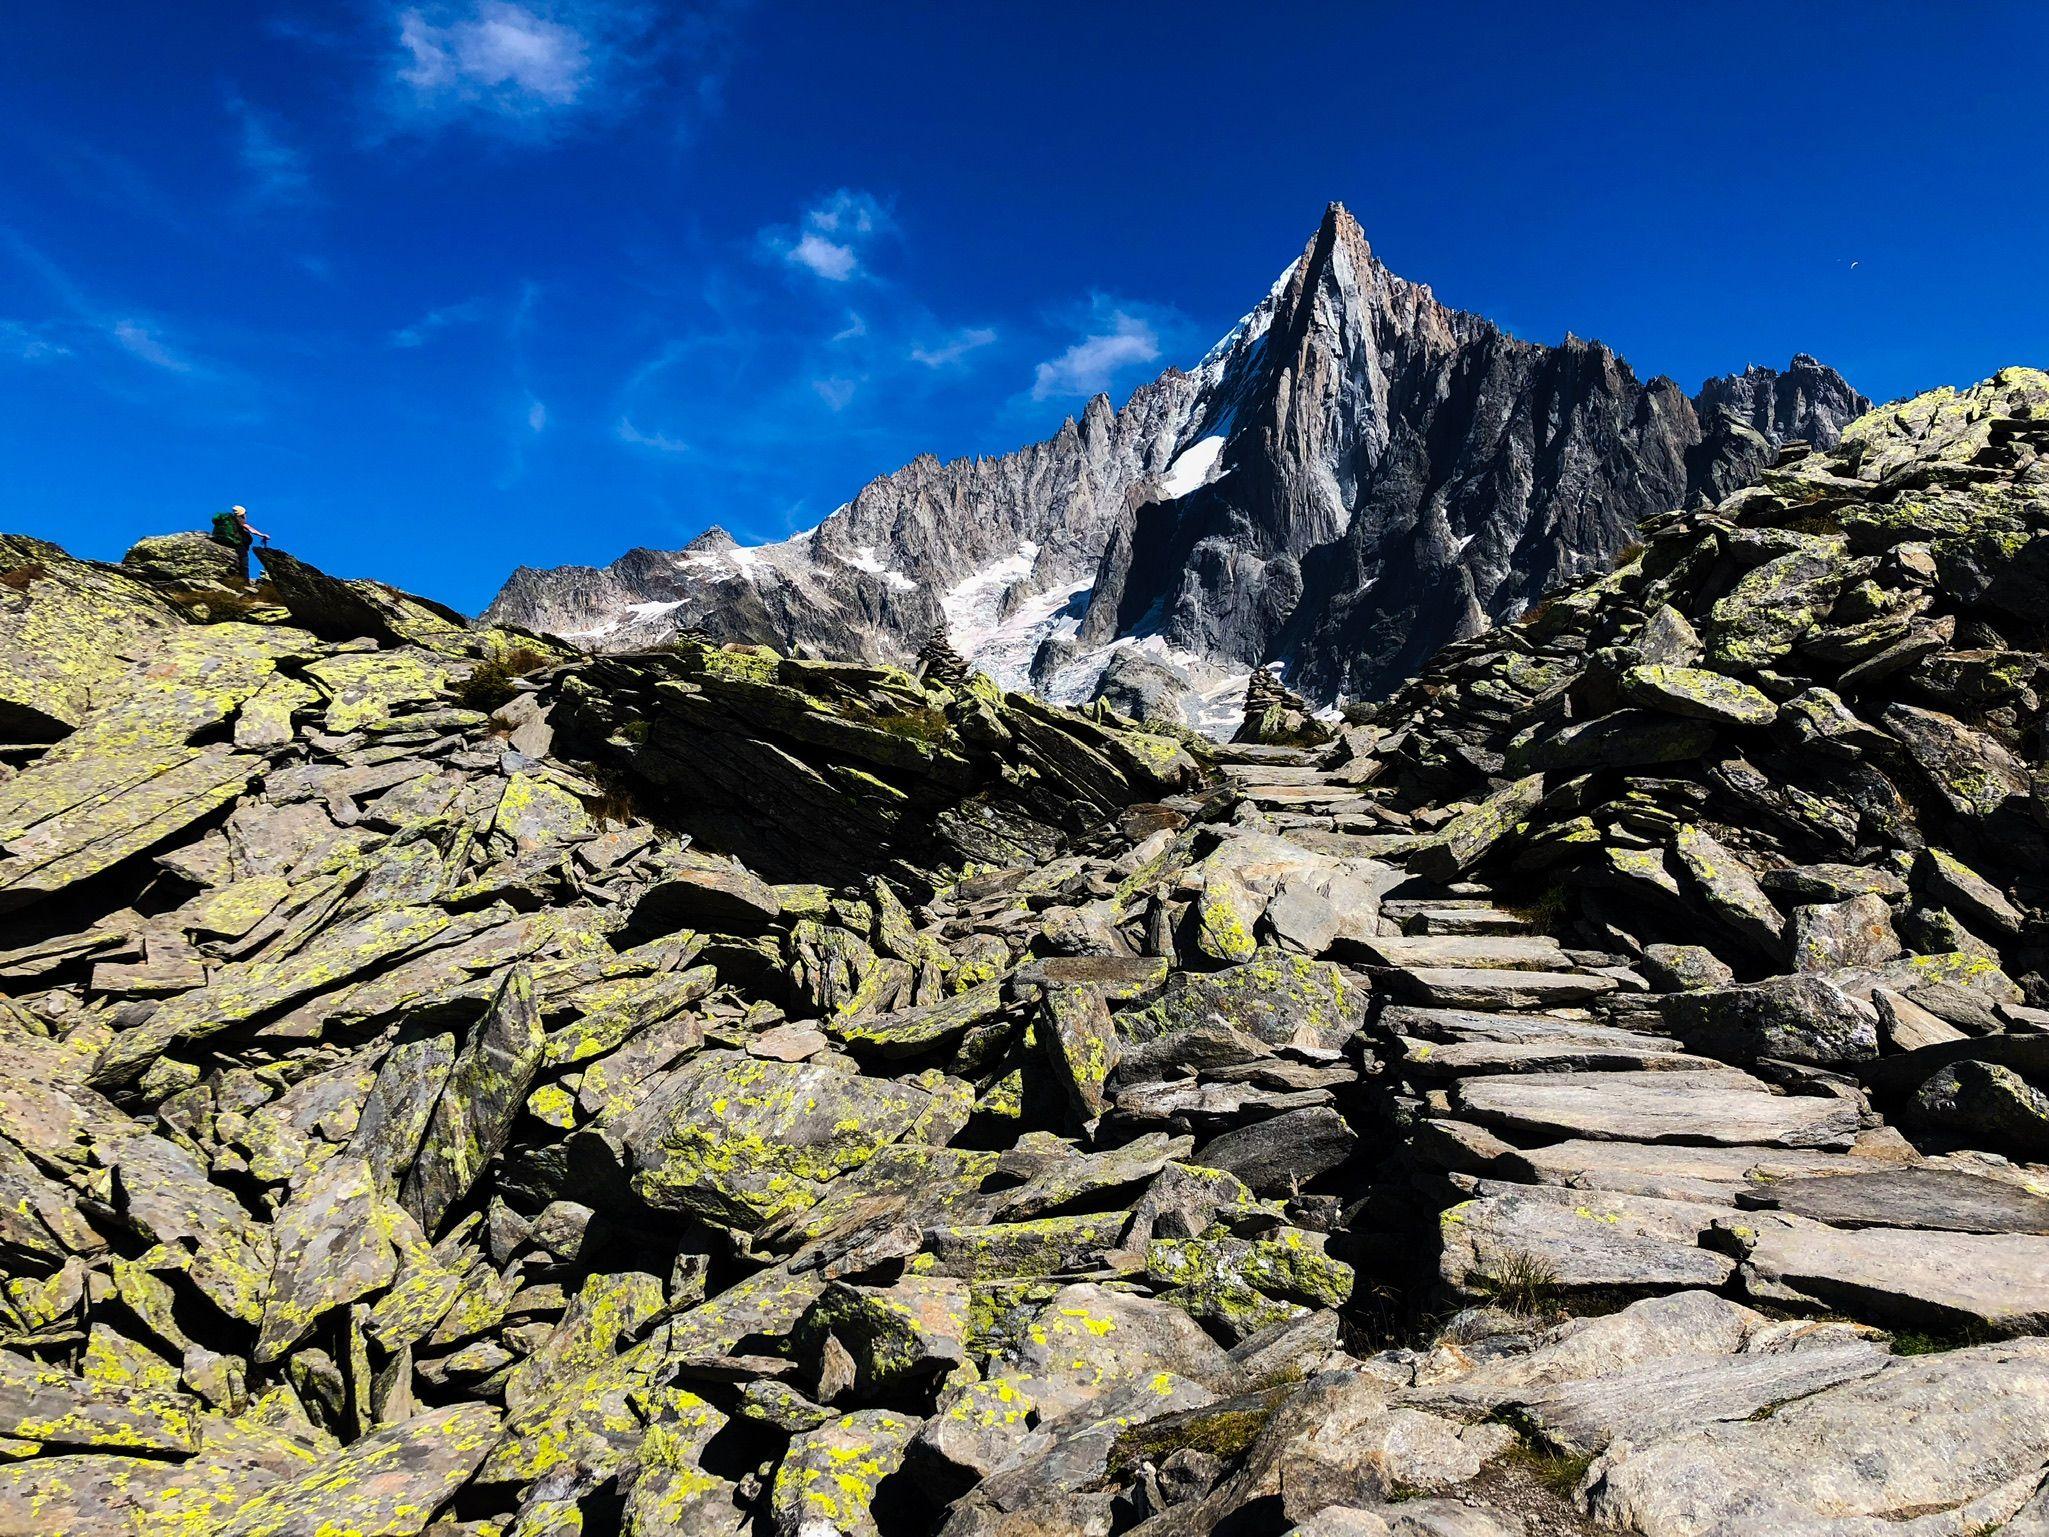 Pathway of stone